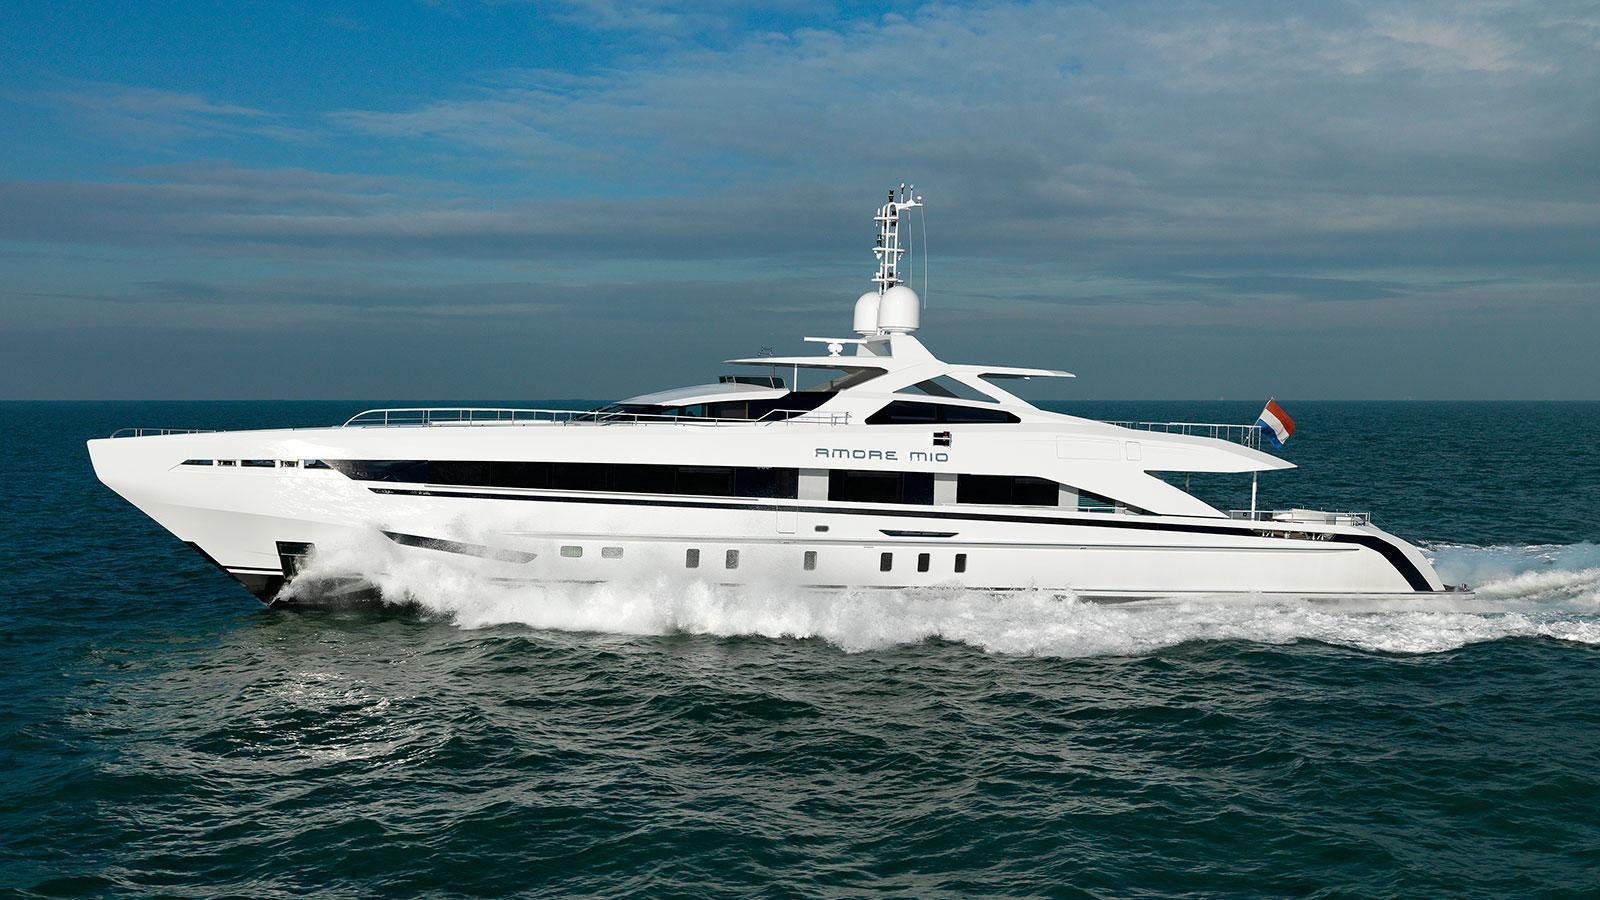 heesen-17145-amore-mio-motor-yacht-running